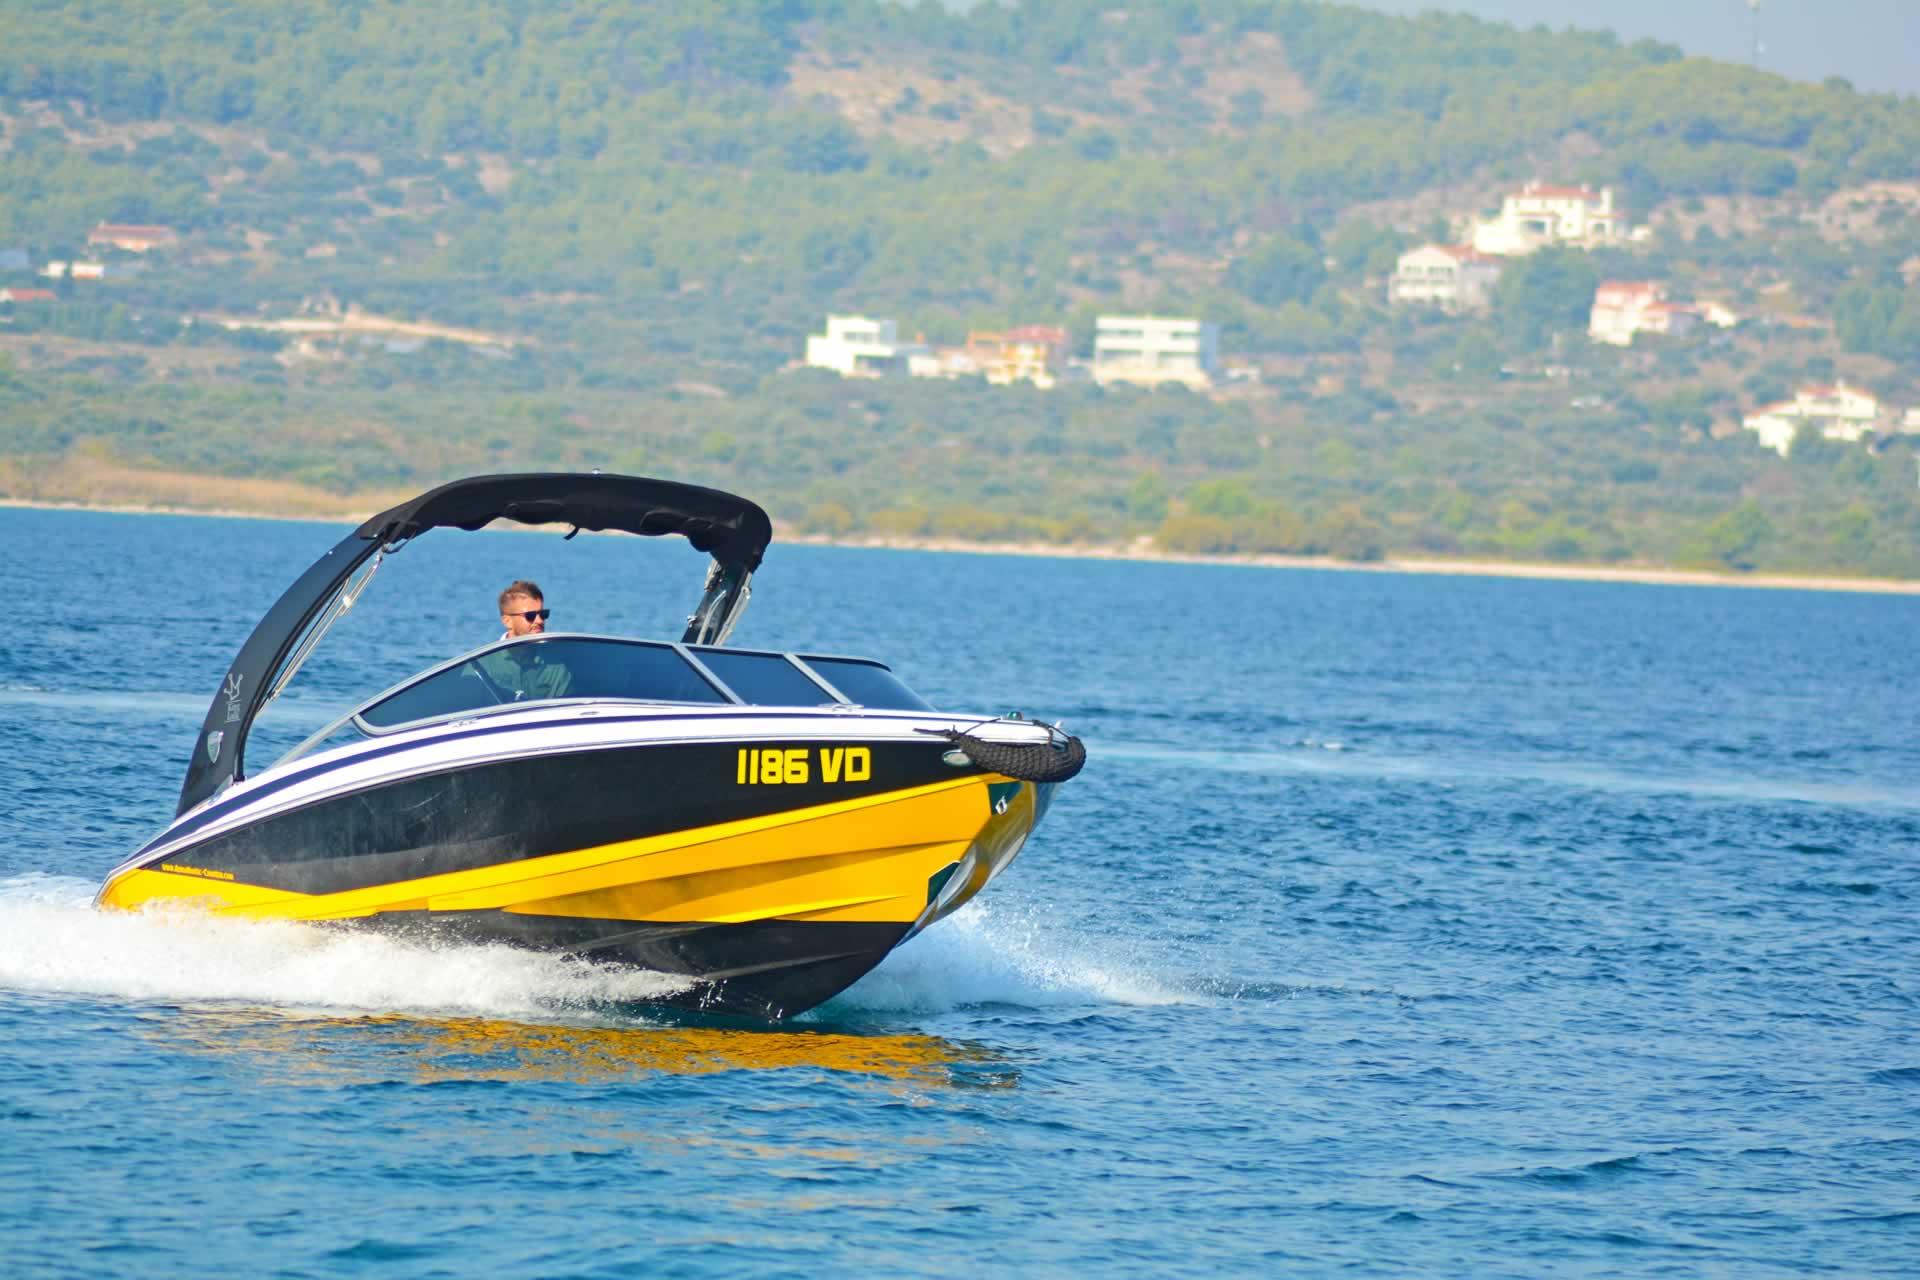 Bootsverleih Kroatien - Regal 2100 RX - Sorgloser Bootsverleih in Kroatien